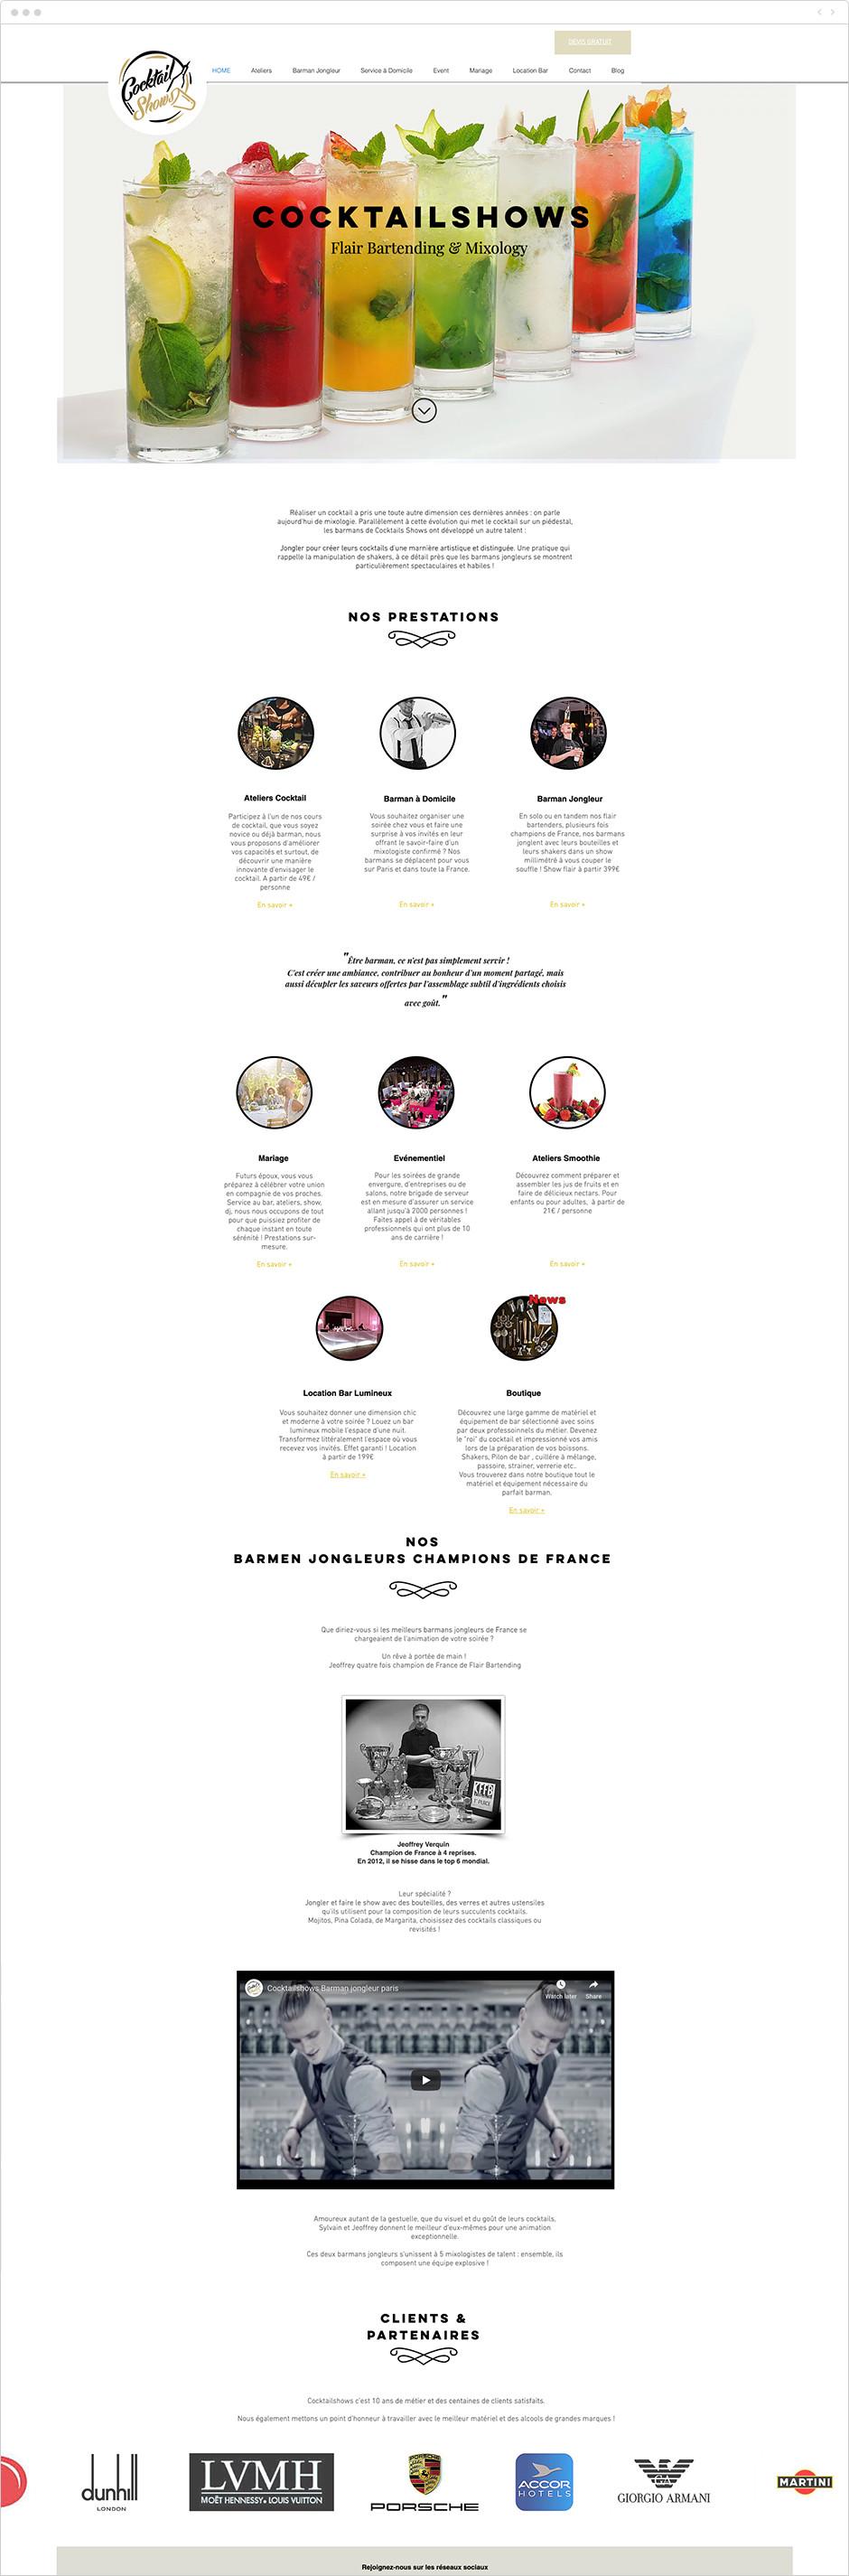 Dossier de presse - atelier de coktails